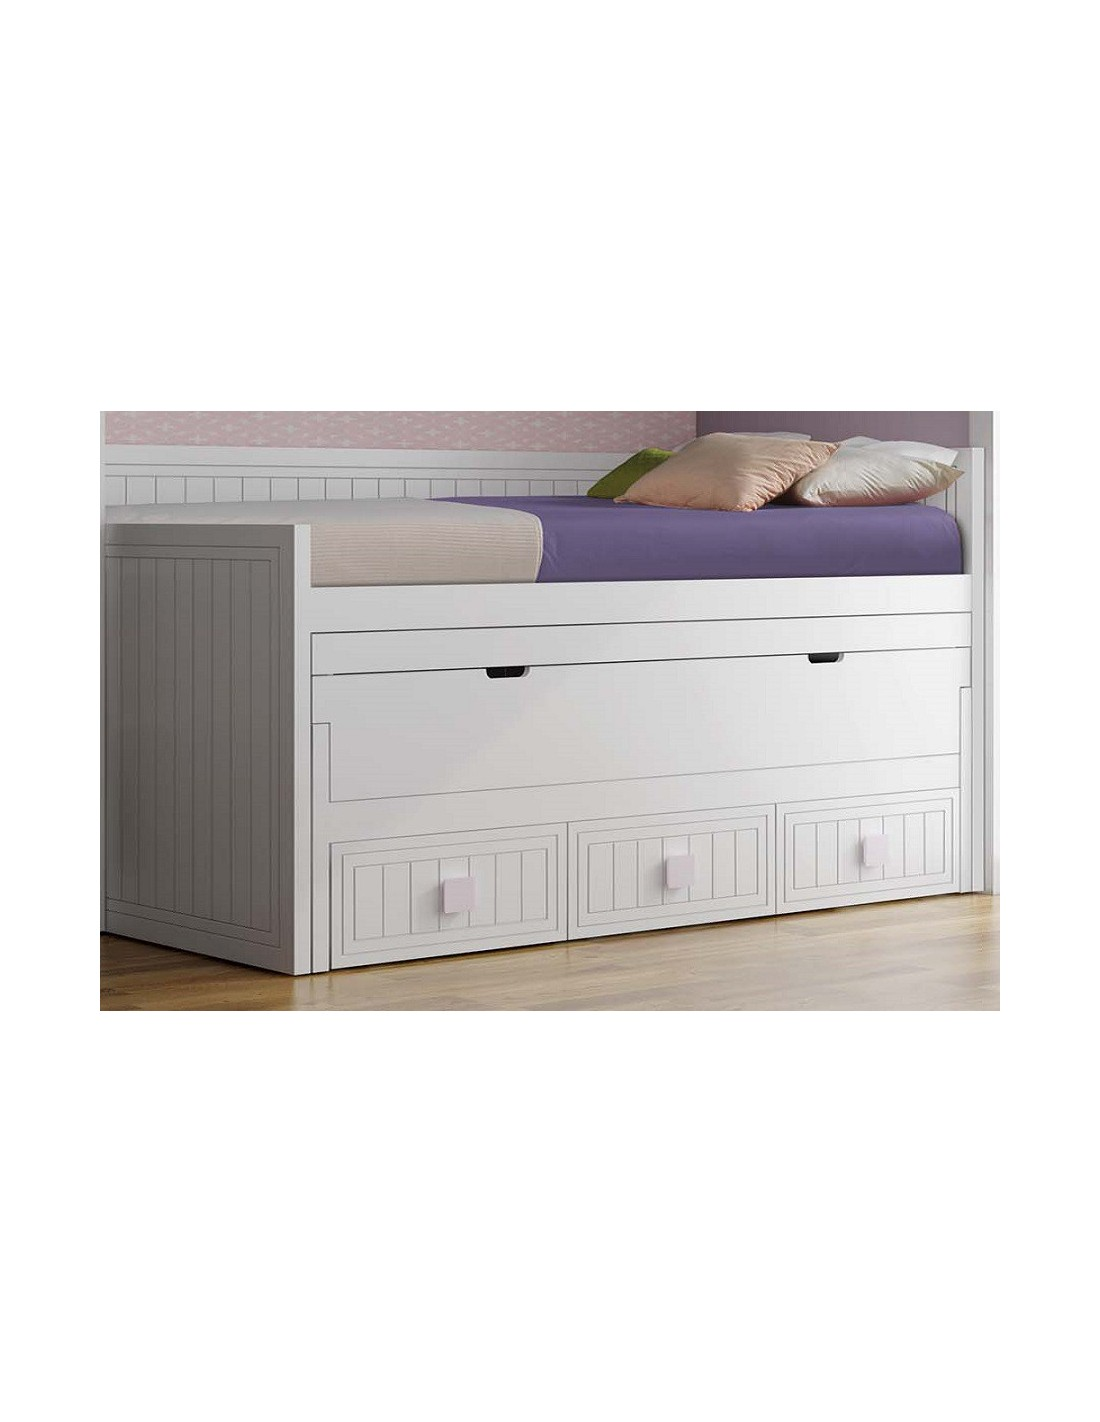 Cama compacta con escritorio muebles jueveniles noel for Cama compacta infantil